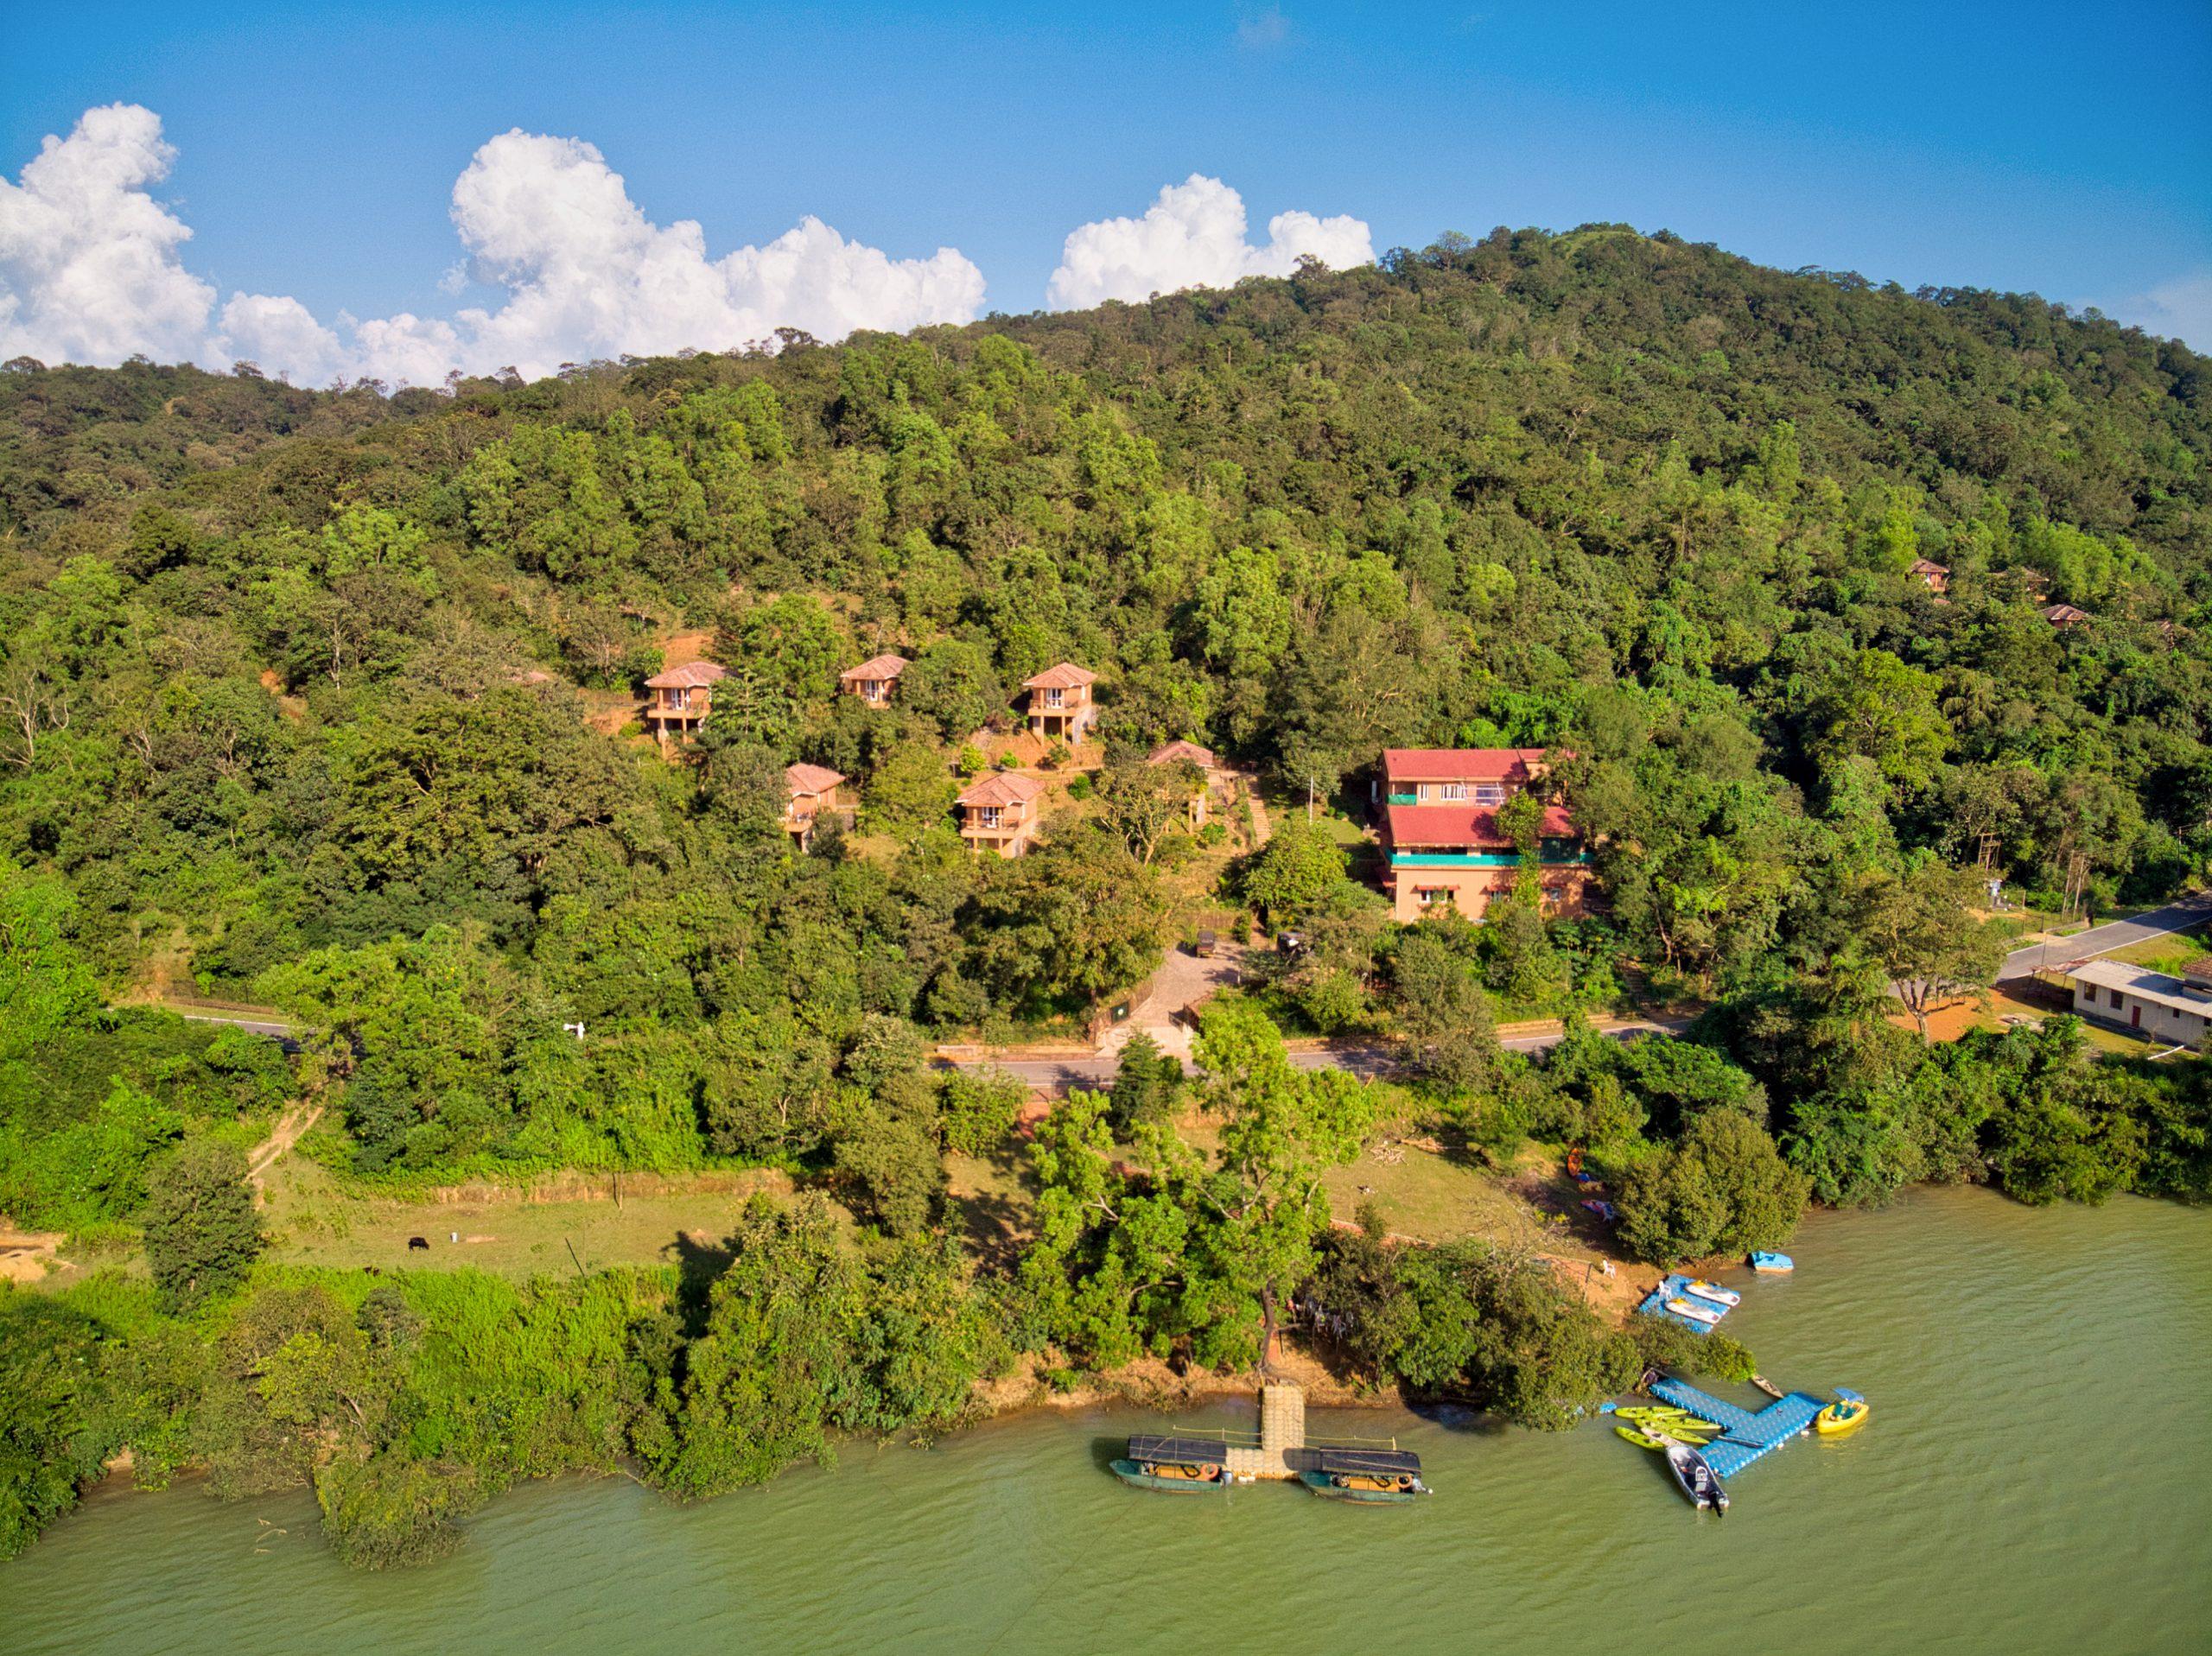 Sharavathi Nature Camp – Jungle Lodges & Resorts, Shivamogga